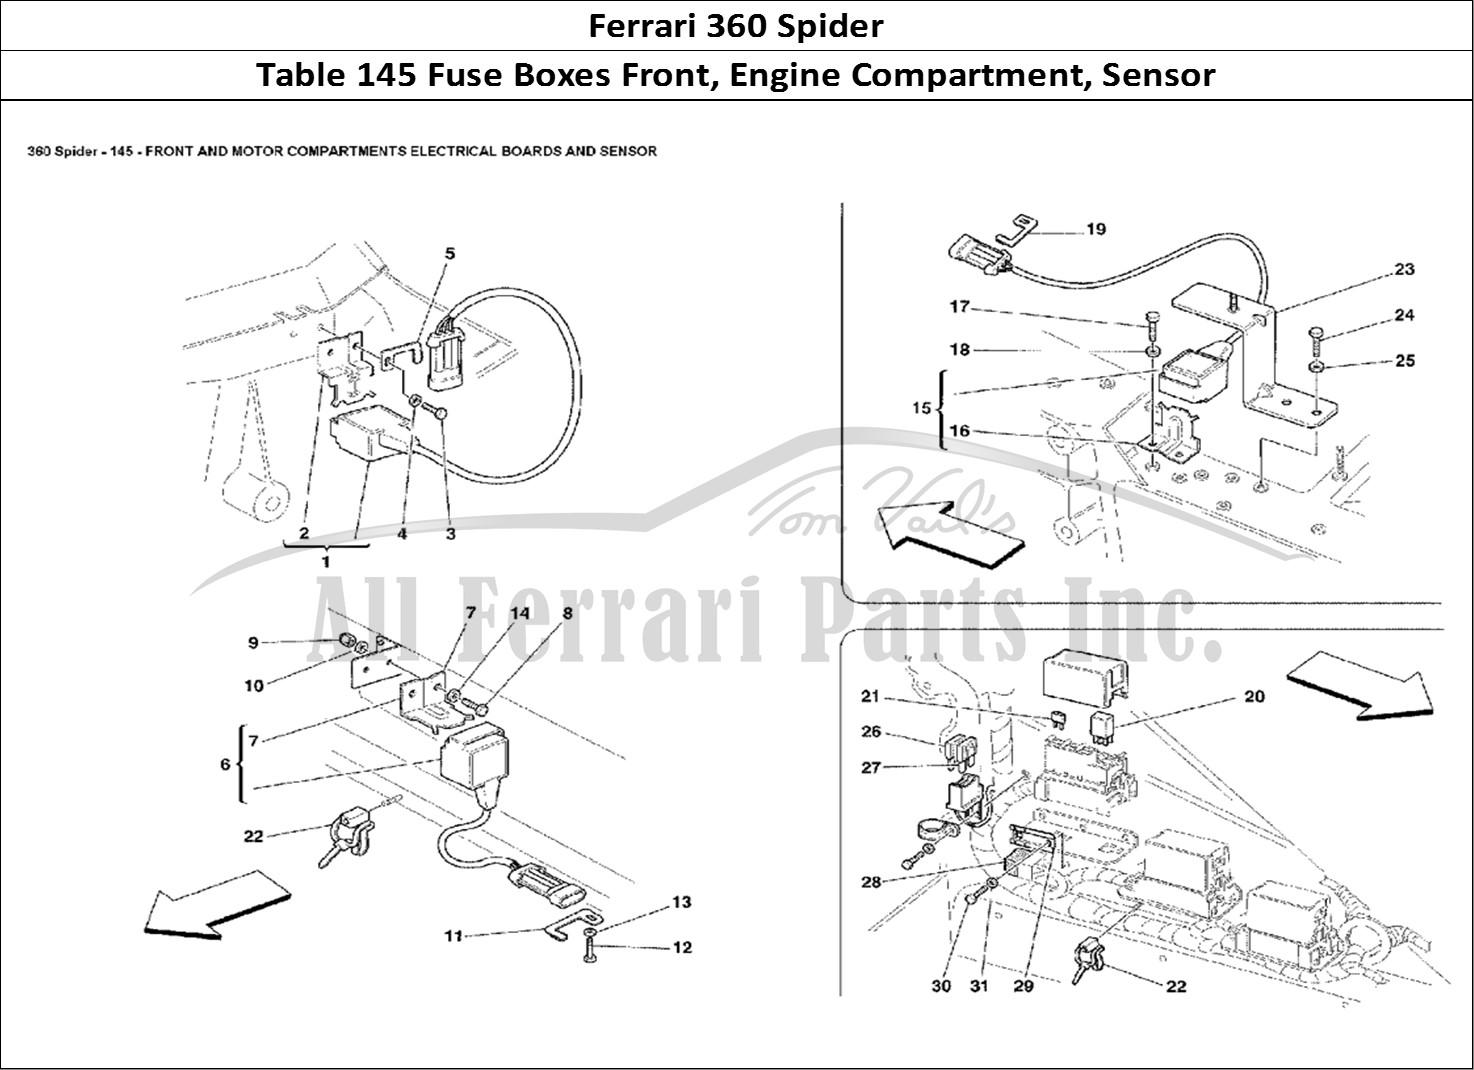 Buy original Ferrari 360 Spider 145 Fuse Boxes Front